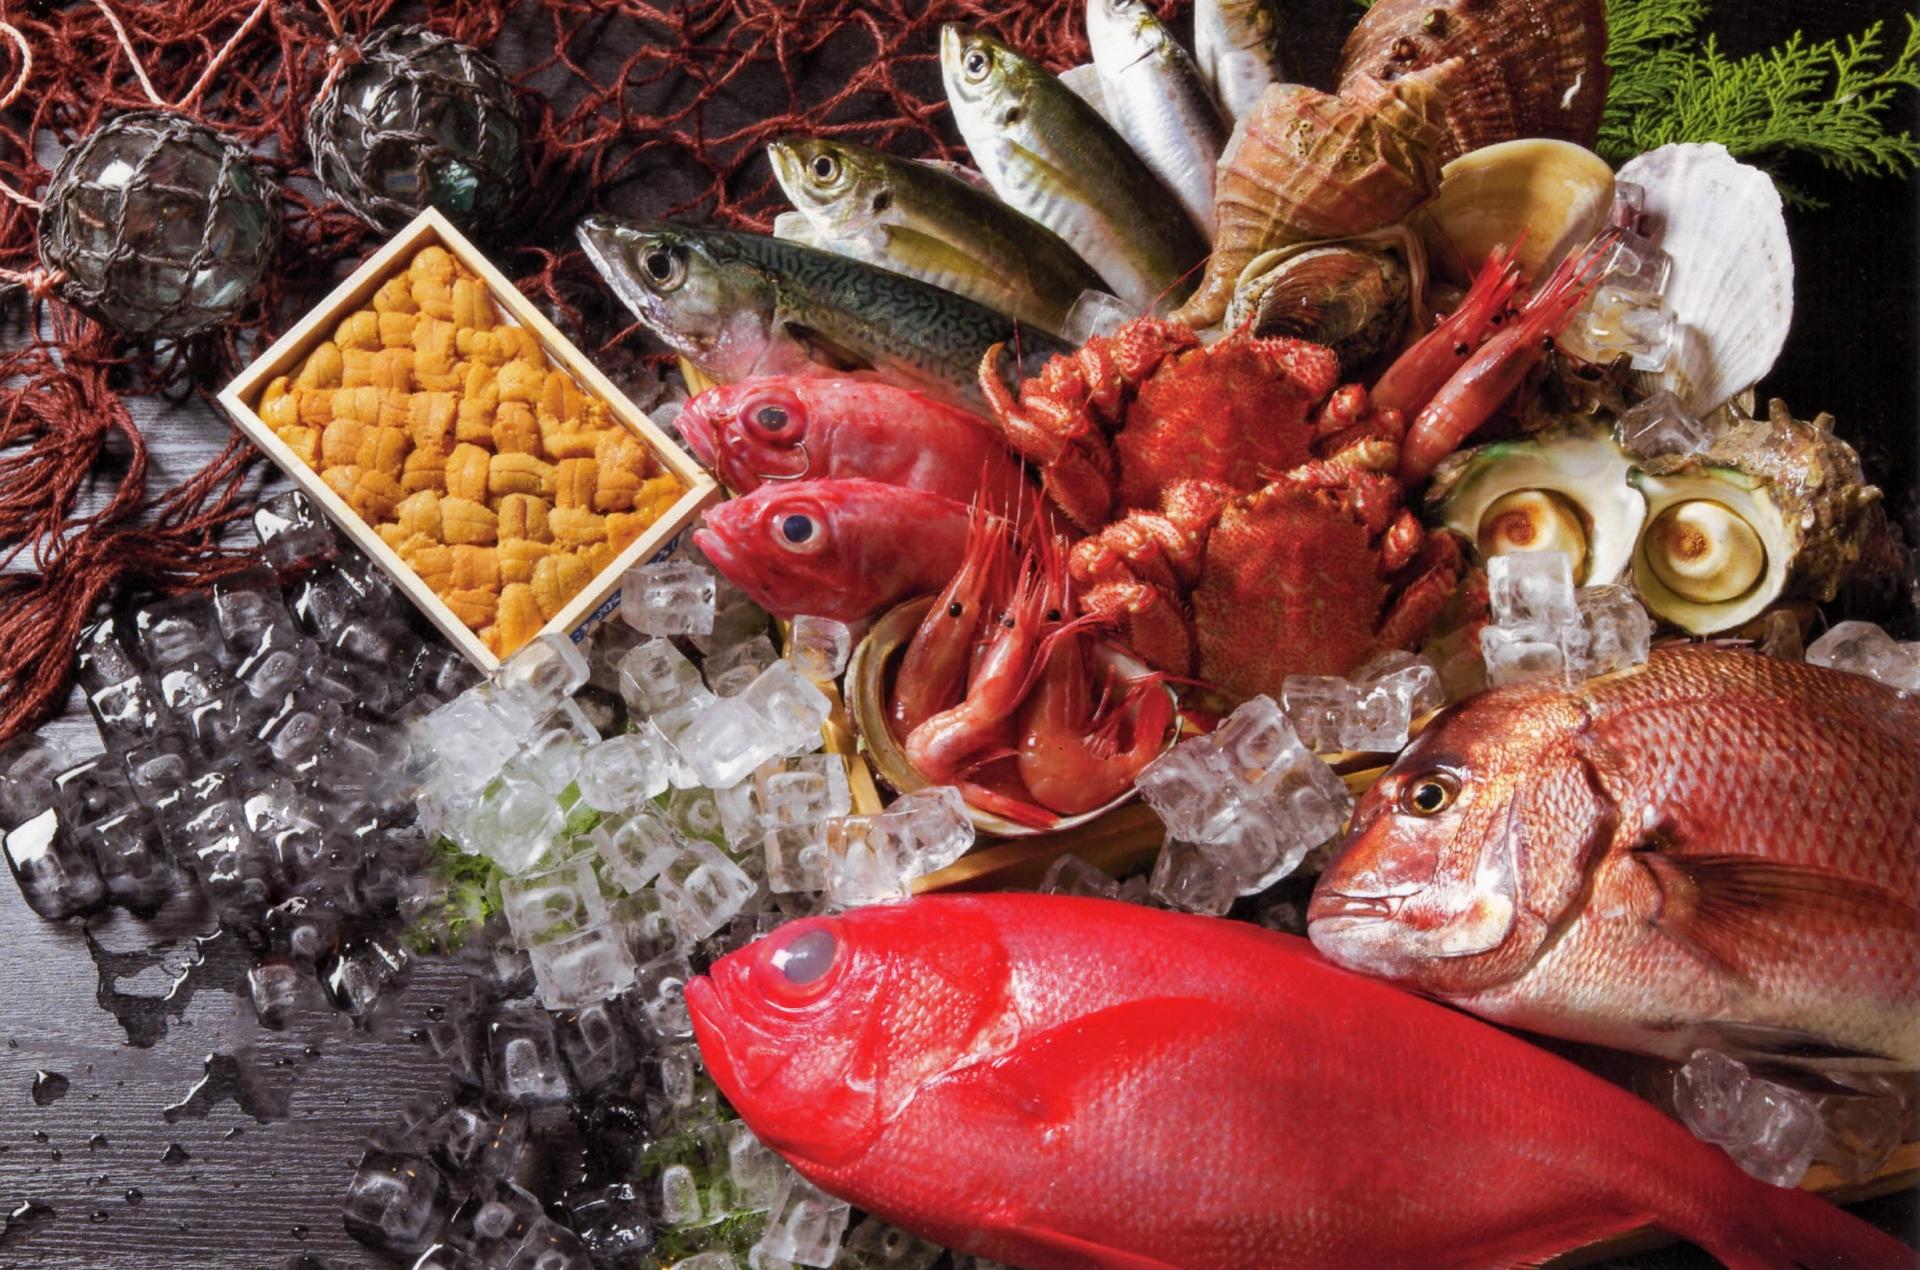 小田原漁港で朝市やランチを楽しもう!おすすめの店やアクセス方法は?